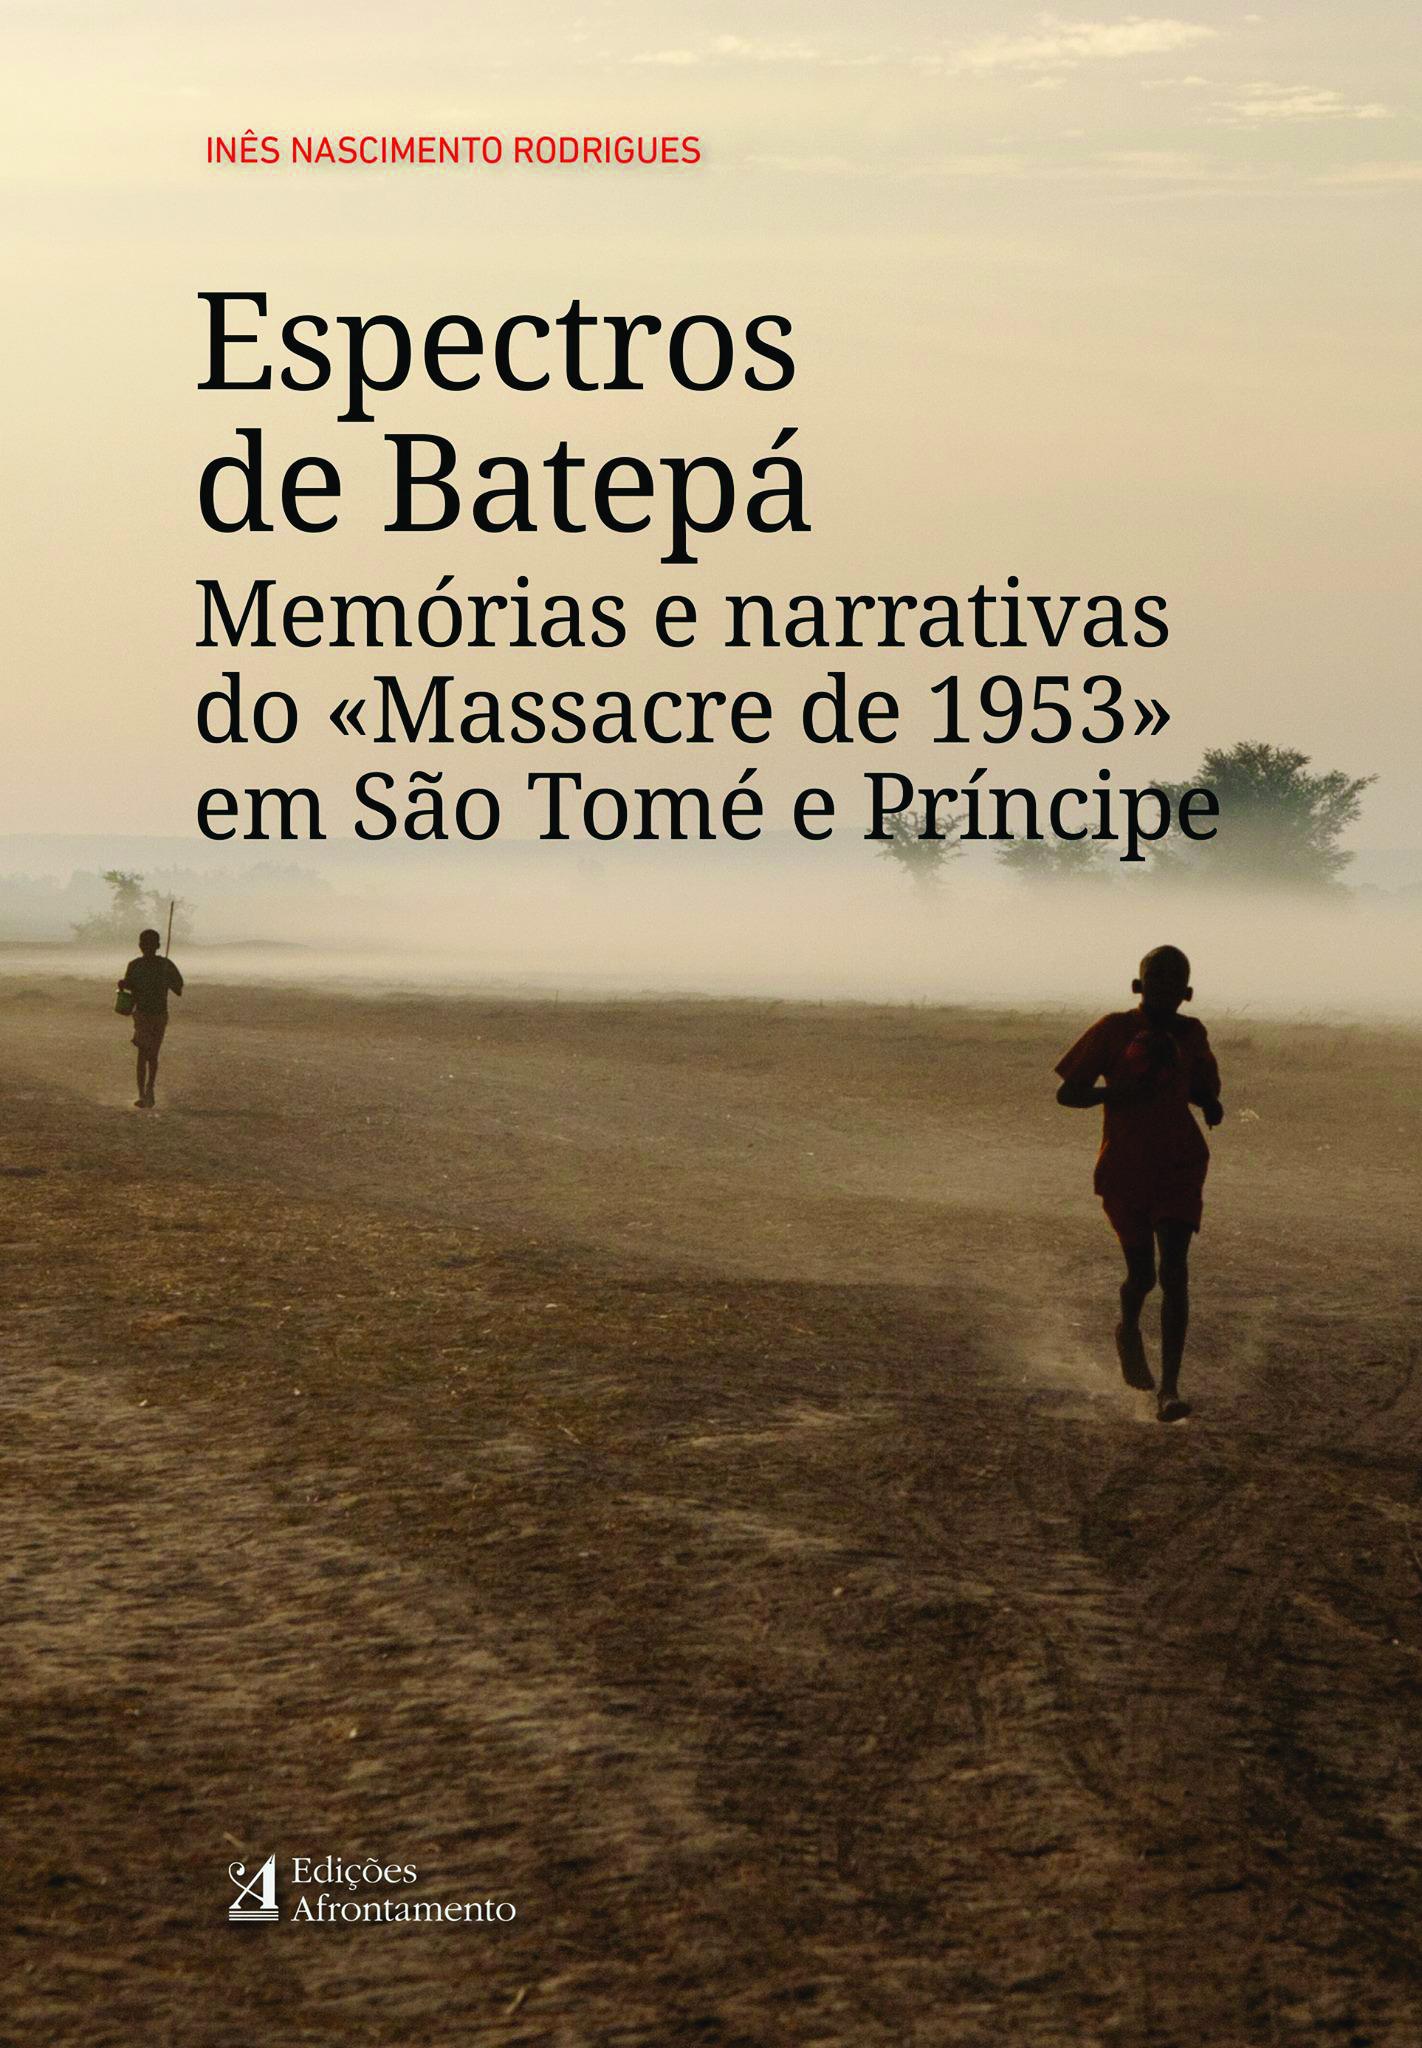 Inês Rodrigues acaba de publicar livro sobre investigação acerca do massacre de 1953, em São Tomé e Principe